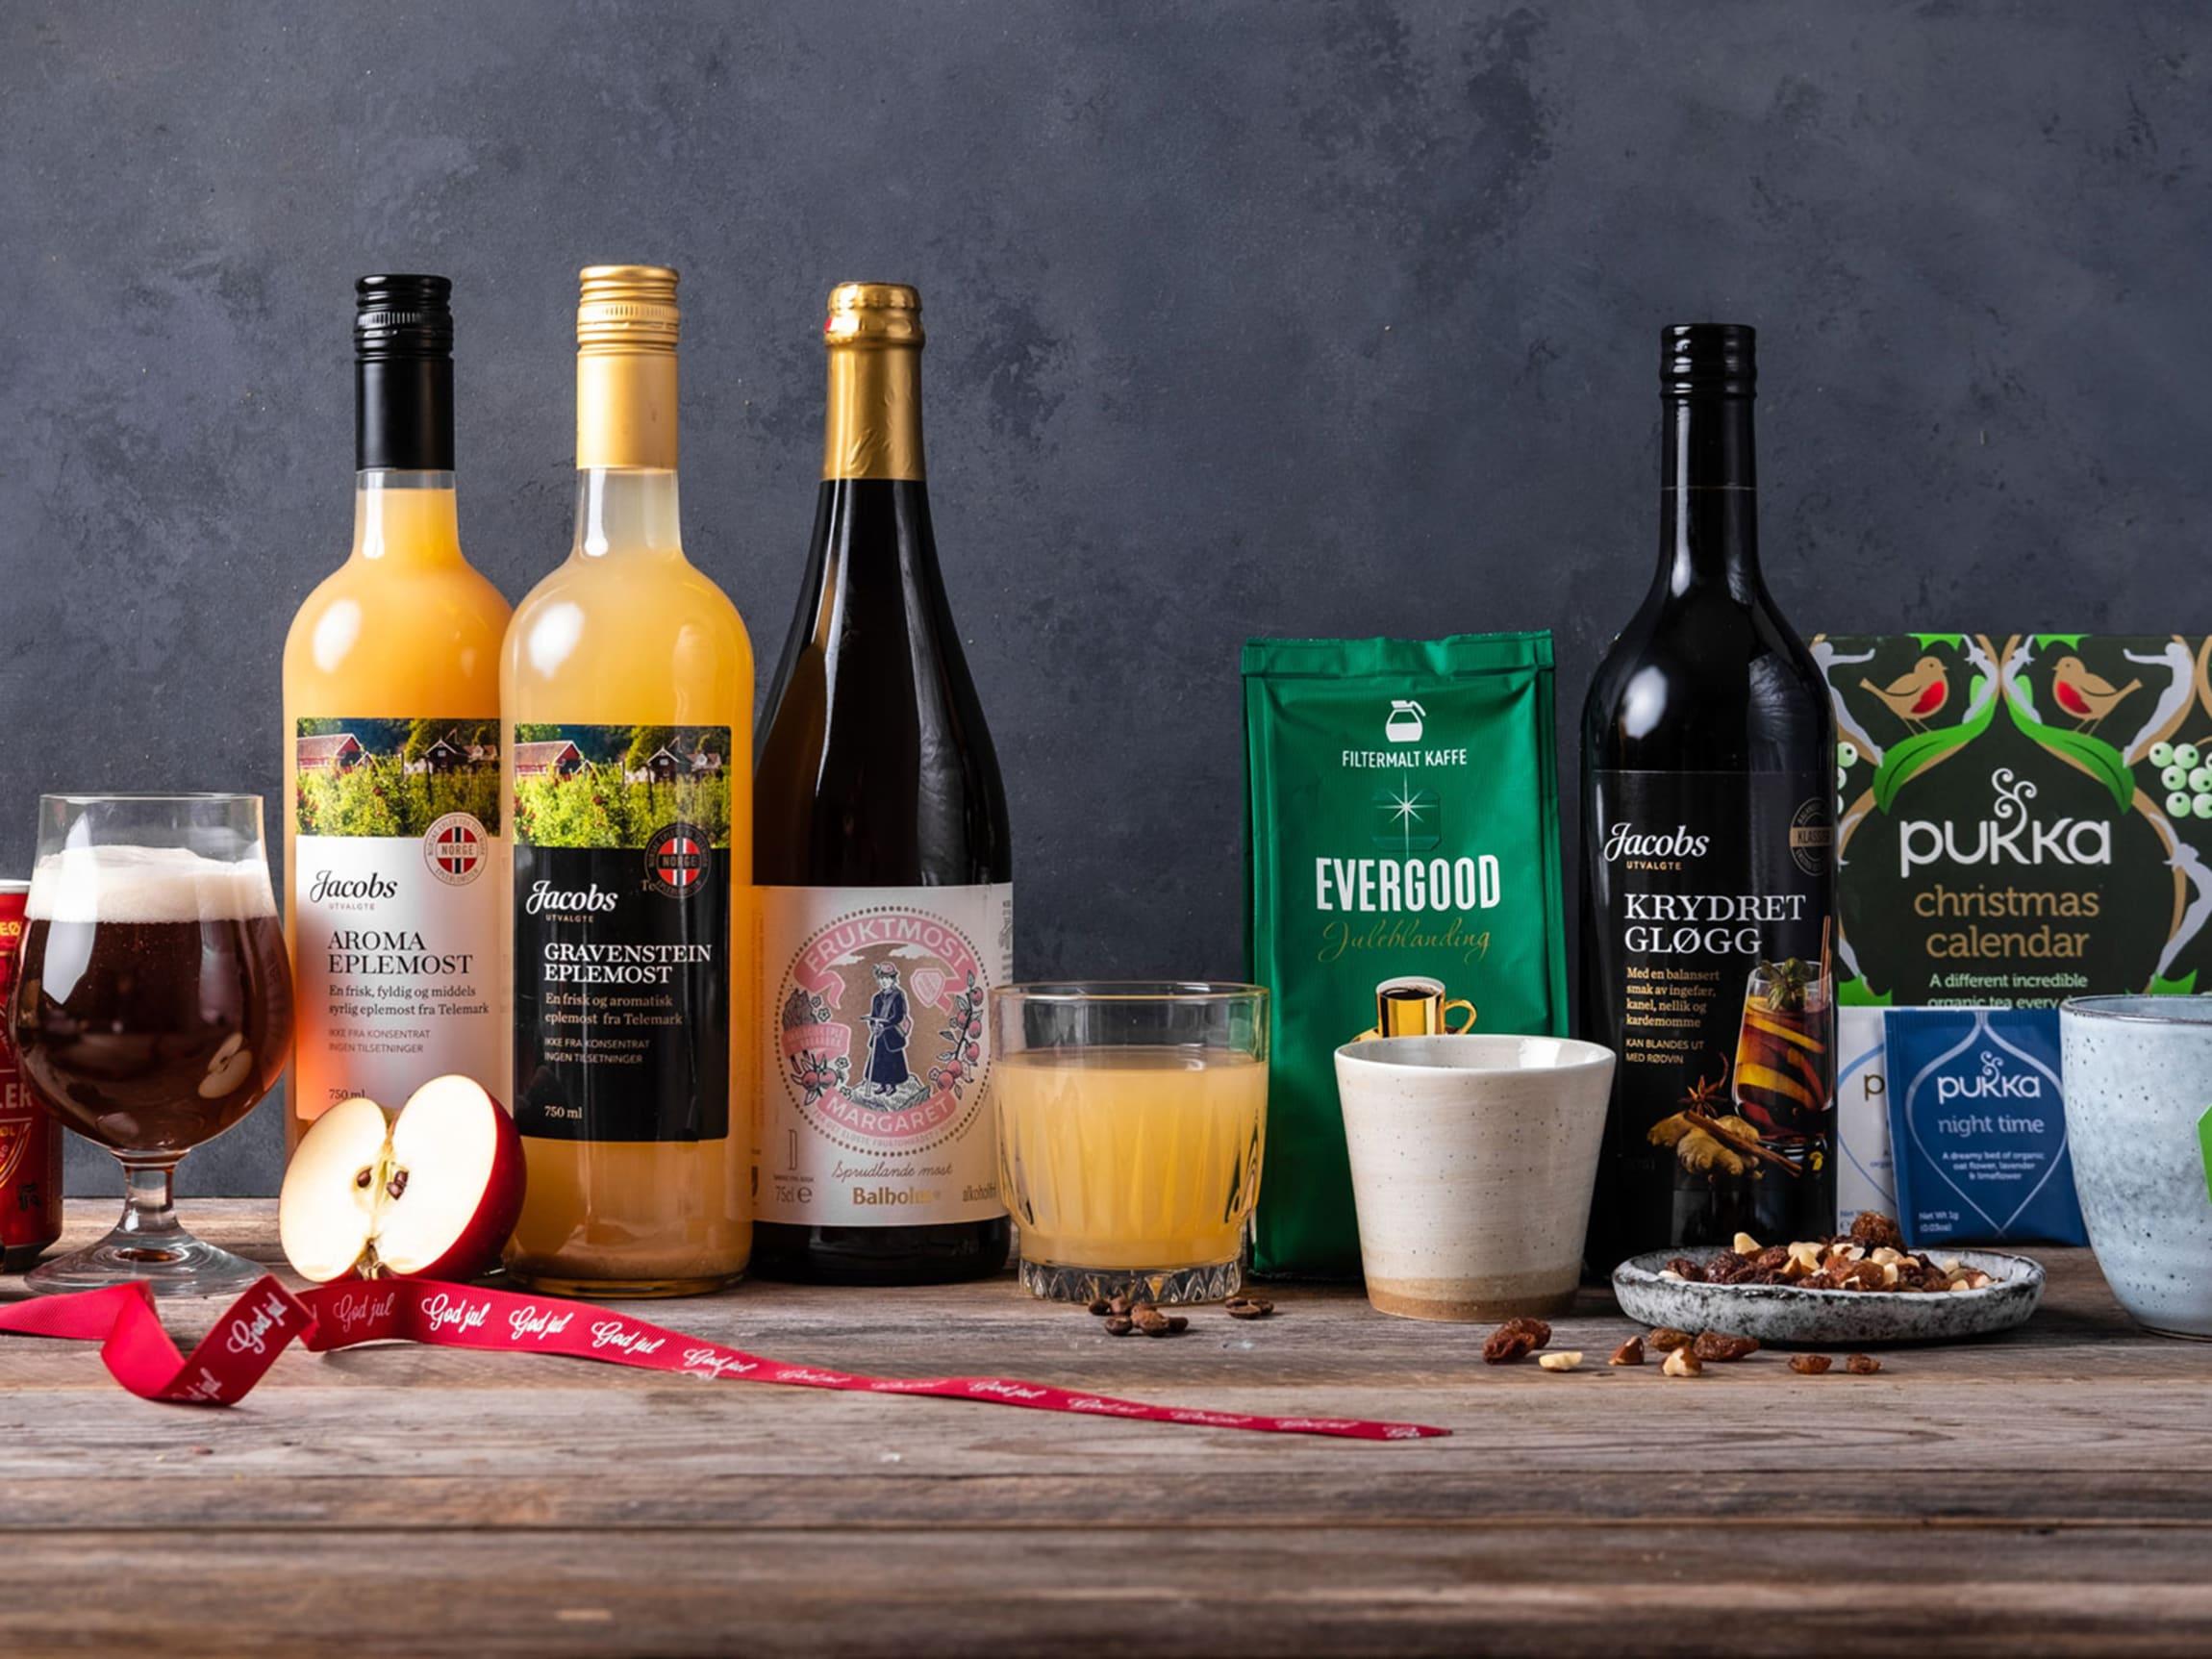 Eplemost, alkoholfritt og vanlig øl samt gløgg, kaffe og te er typiske ting som finner veien i kopper og glass i jula